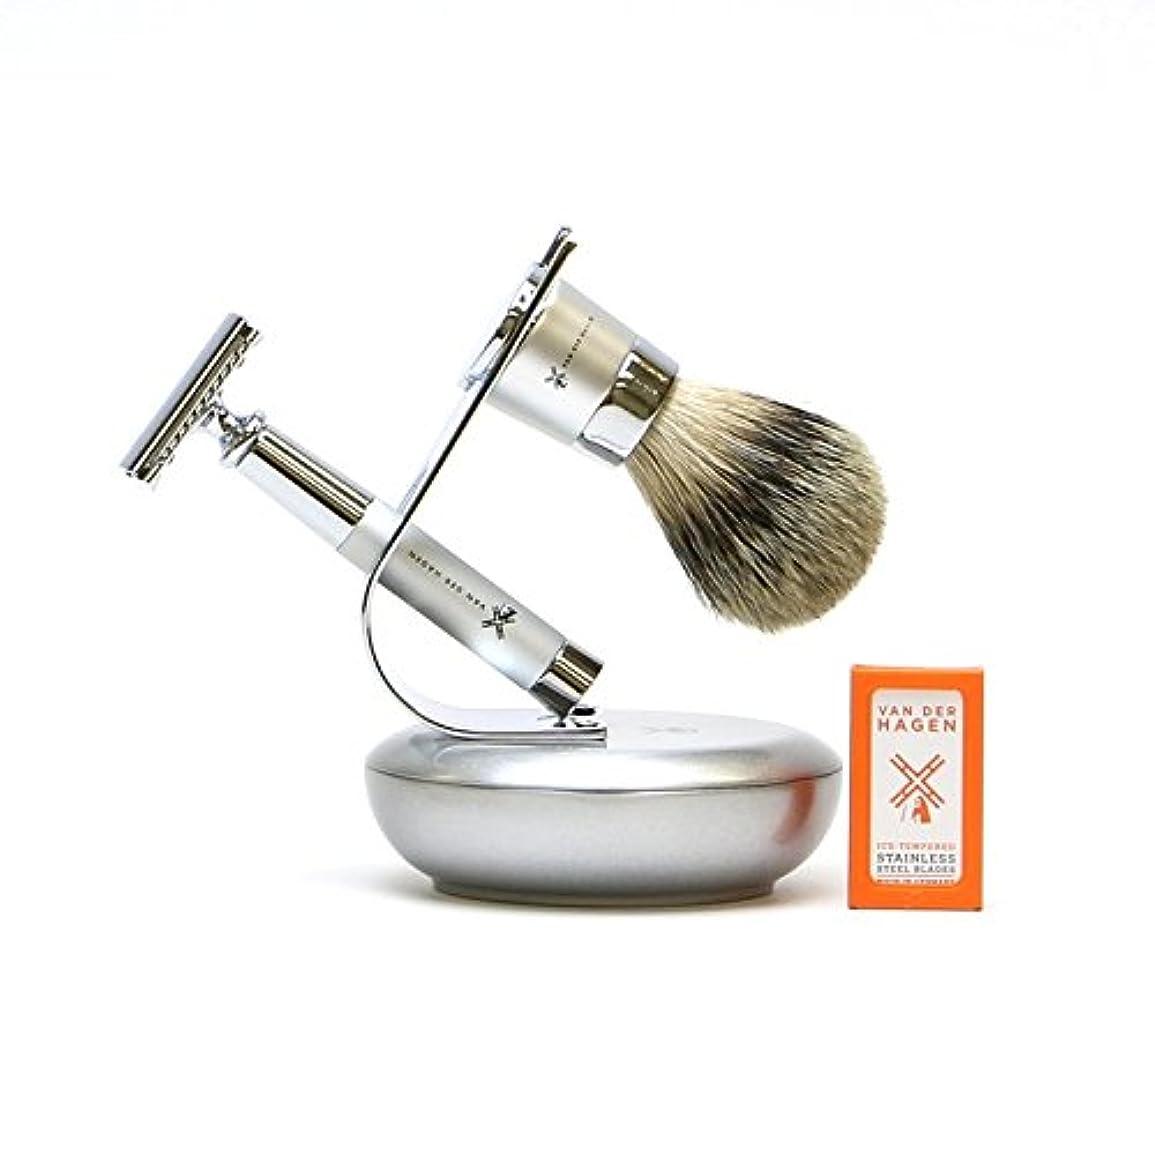 スクラップブックシェーバー振りかけるVANDERHAGEN(米) ウェットシェービングセット ジェットセット 両刃 髭剃り 替刃5枚付